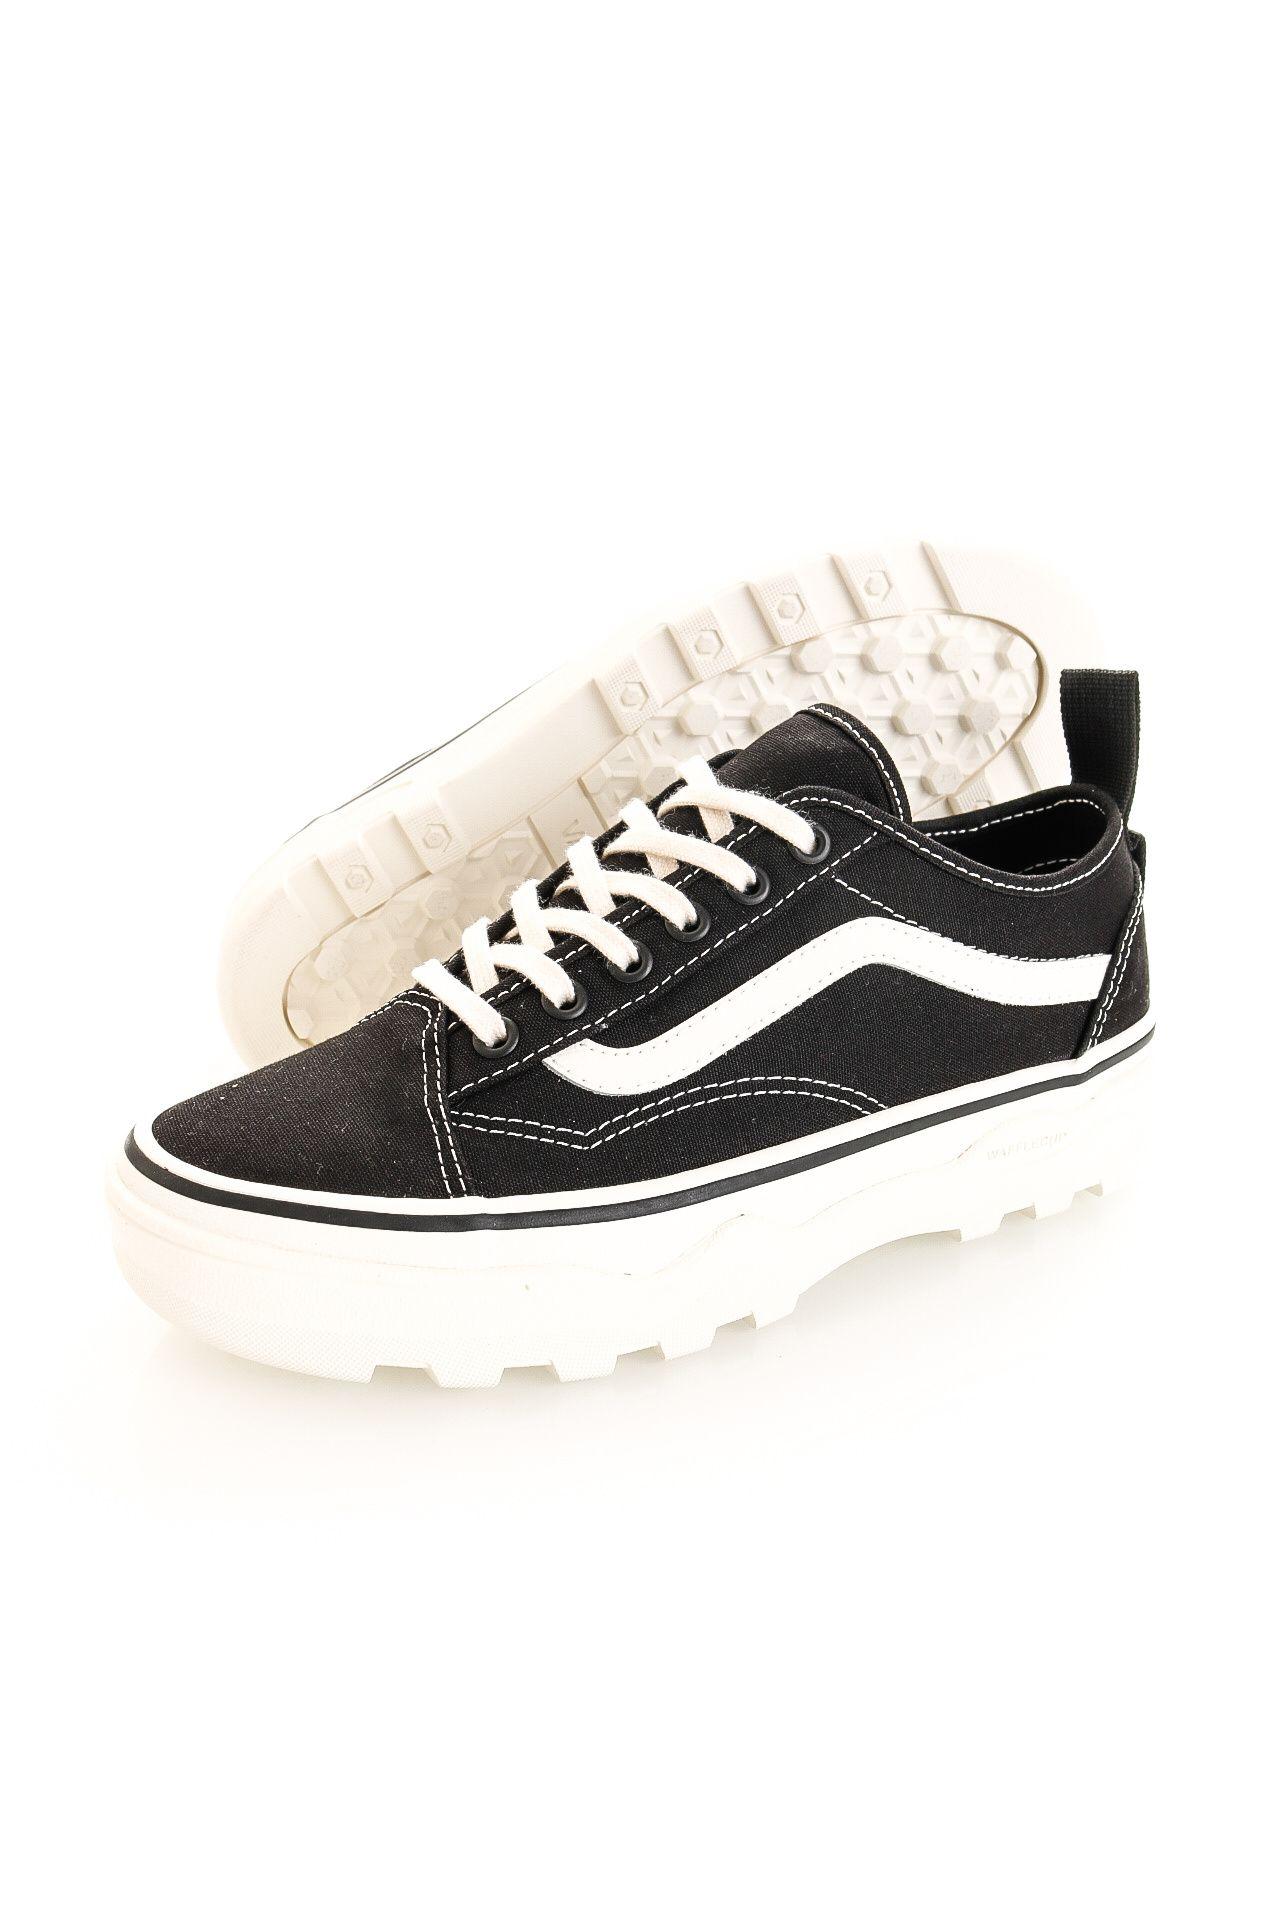 Afbeelding van Vans Sneakers UA Sentry Old Skool WC (CANVAS) Black/Marshmallow VN0A5KR3VQE1